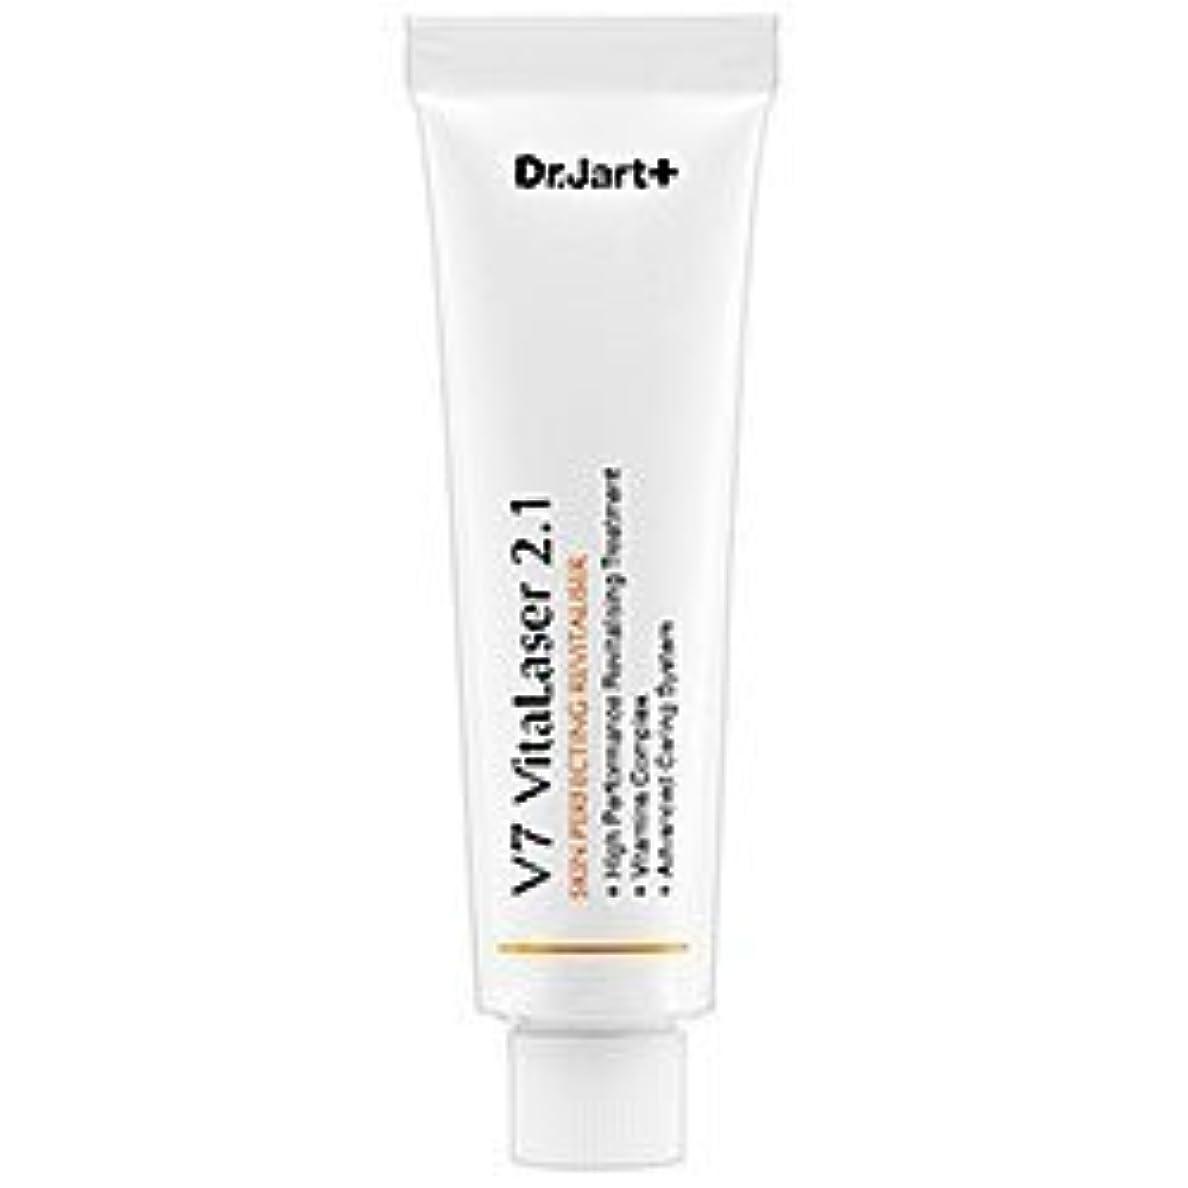 フレアうつホールDr. Jart+ V7 Vitalaser 2.1 Skin Moisturizer 30 ml [並行輸入品]